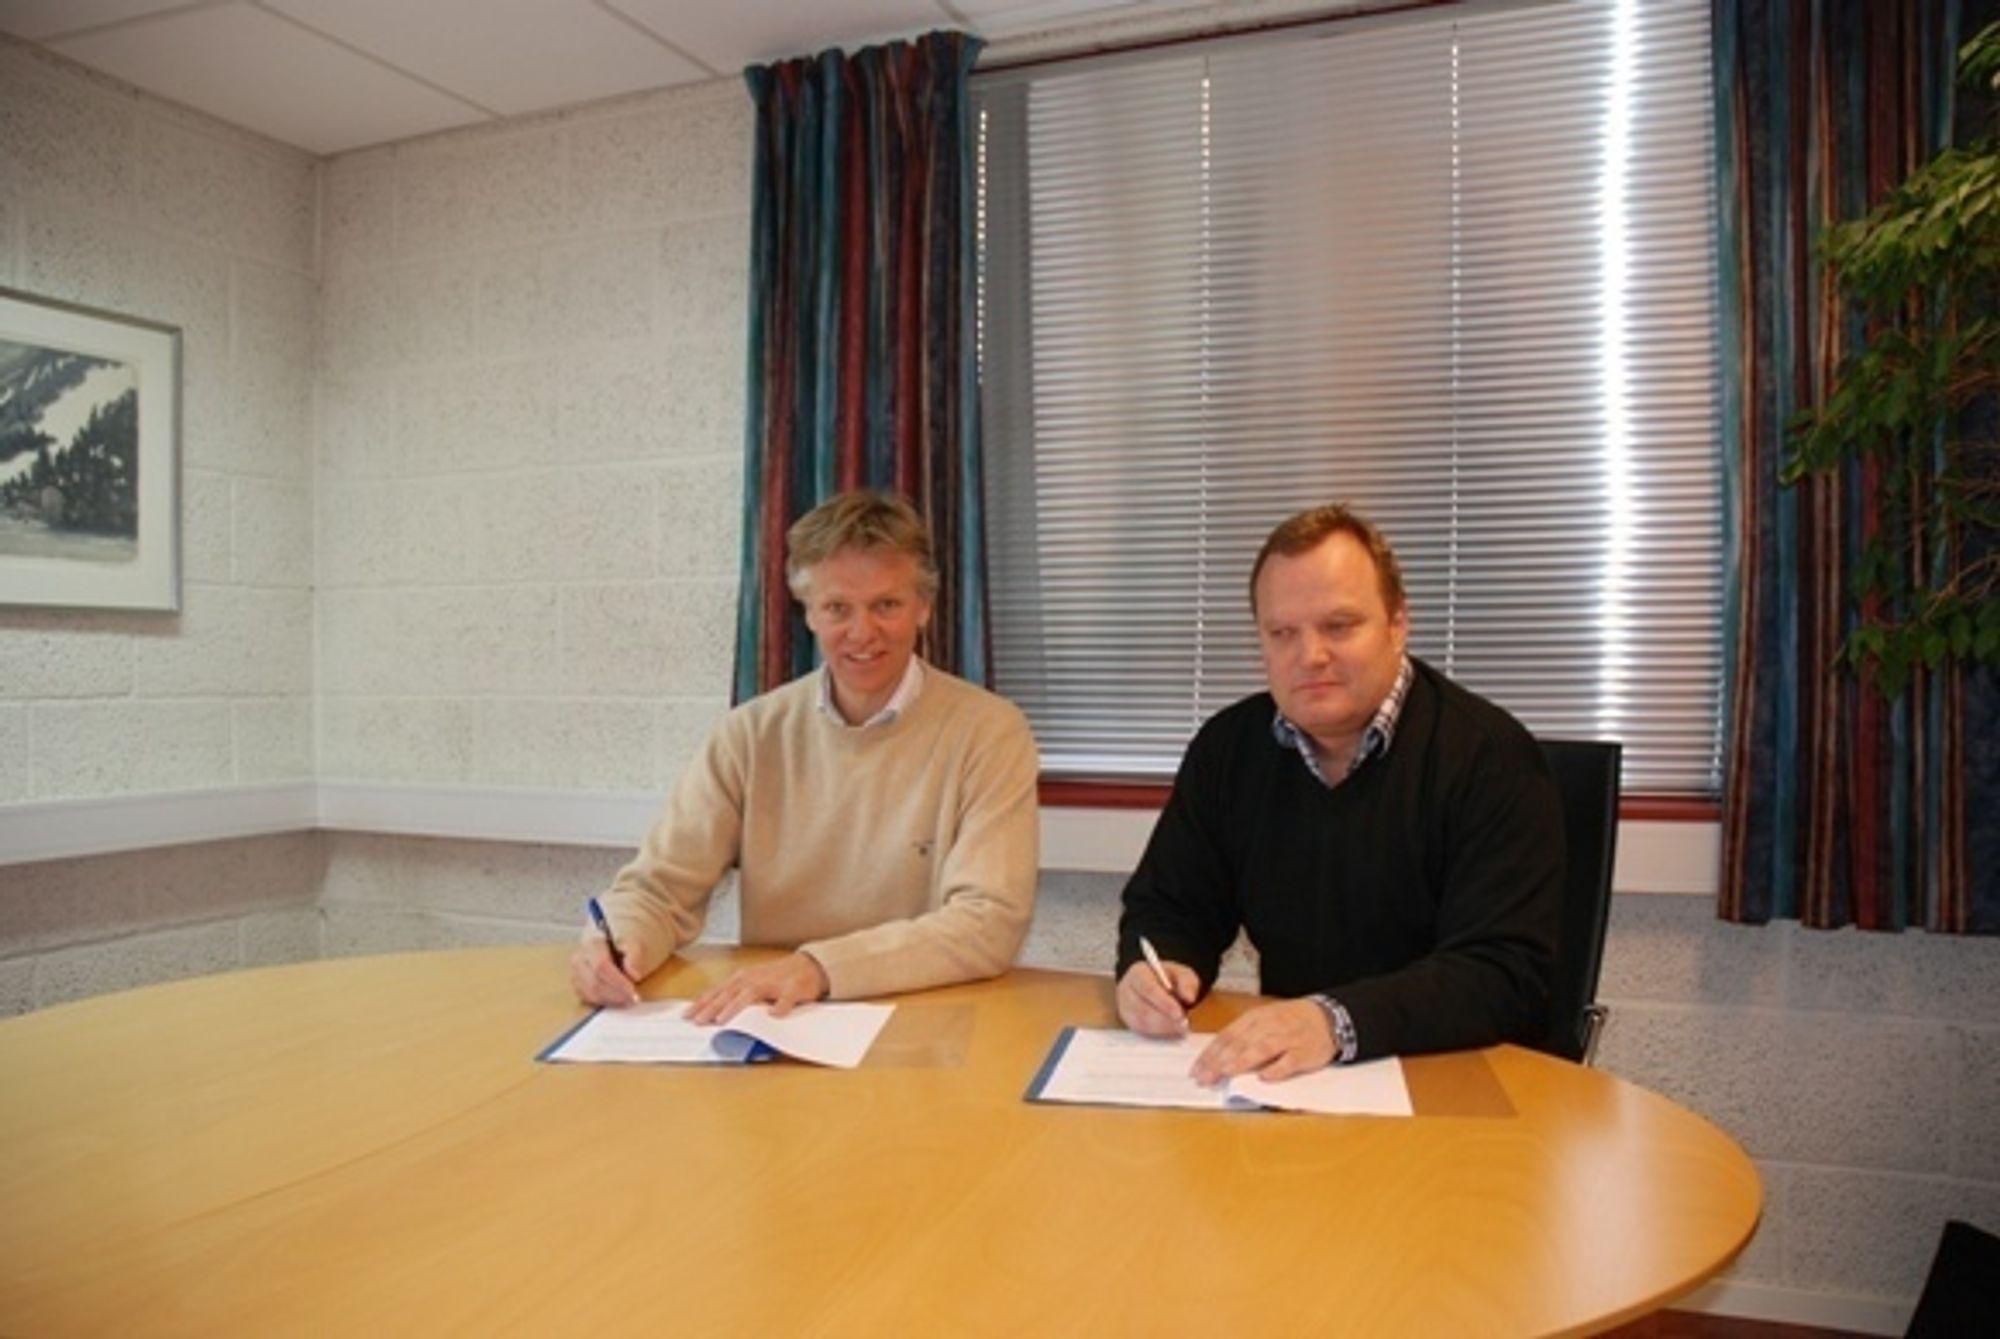 Adm dir Hans Ellingsen i Norsecraft AS (til venstre) og Petter Granaas eier i Geodesie Gruppen AS ved signering av kjøpskontrakten.